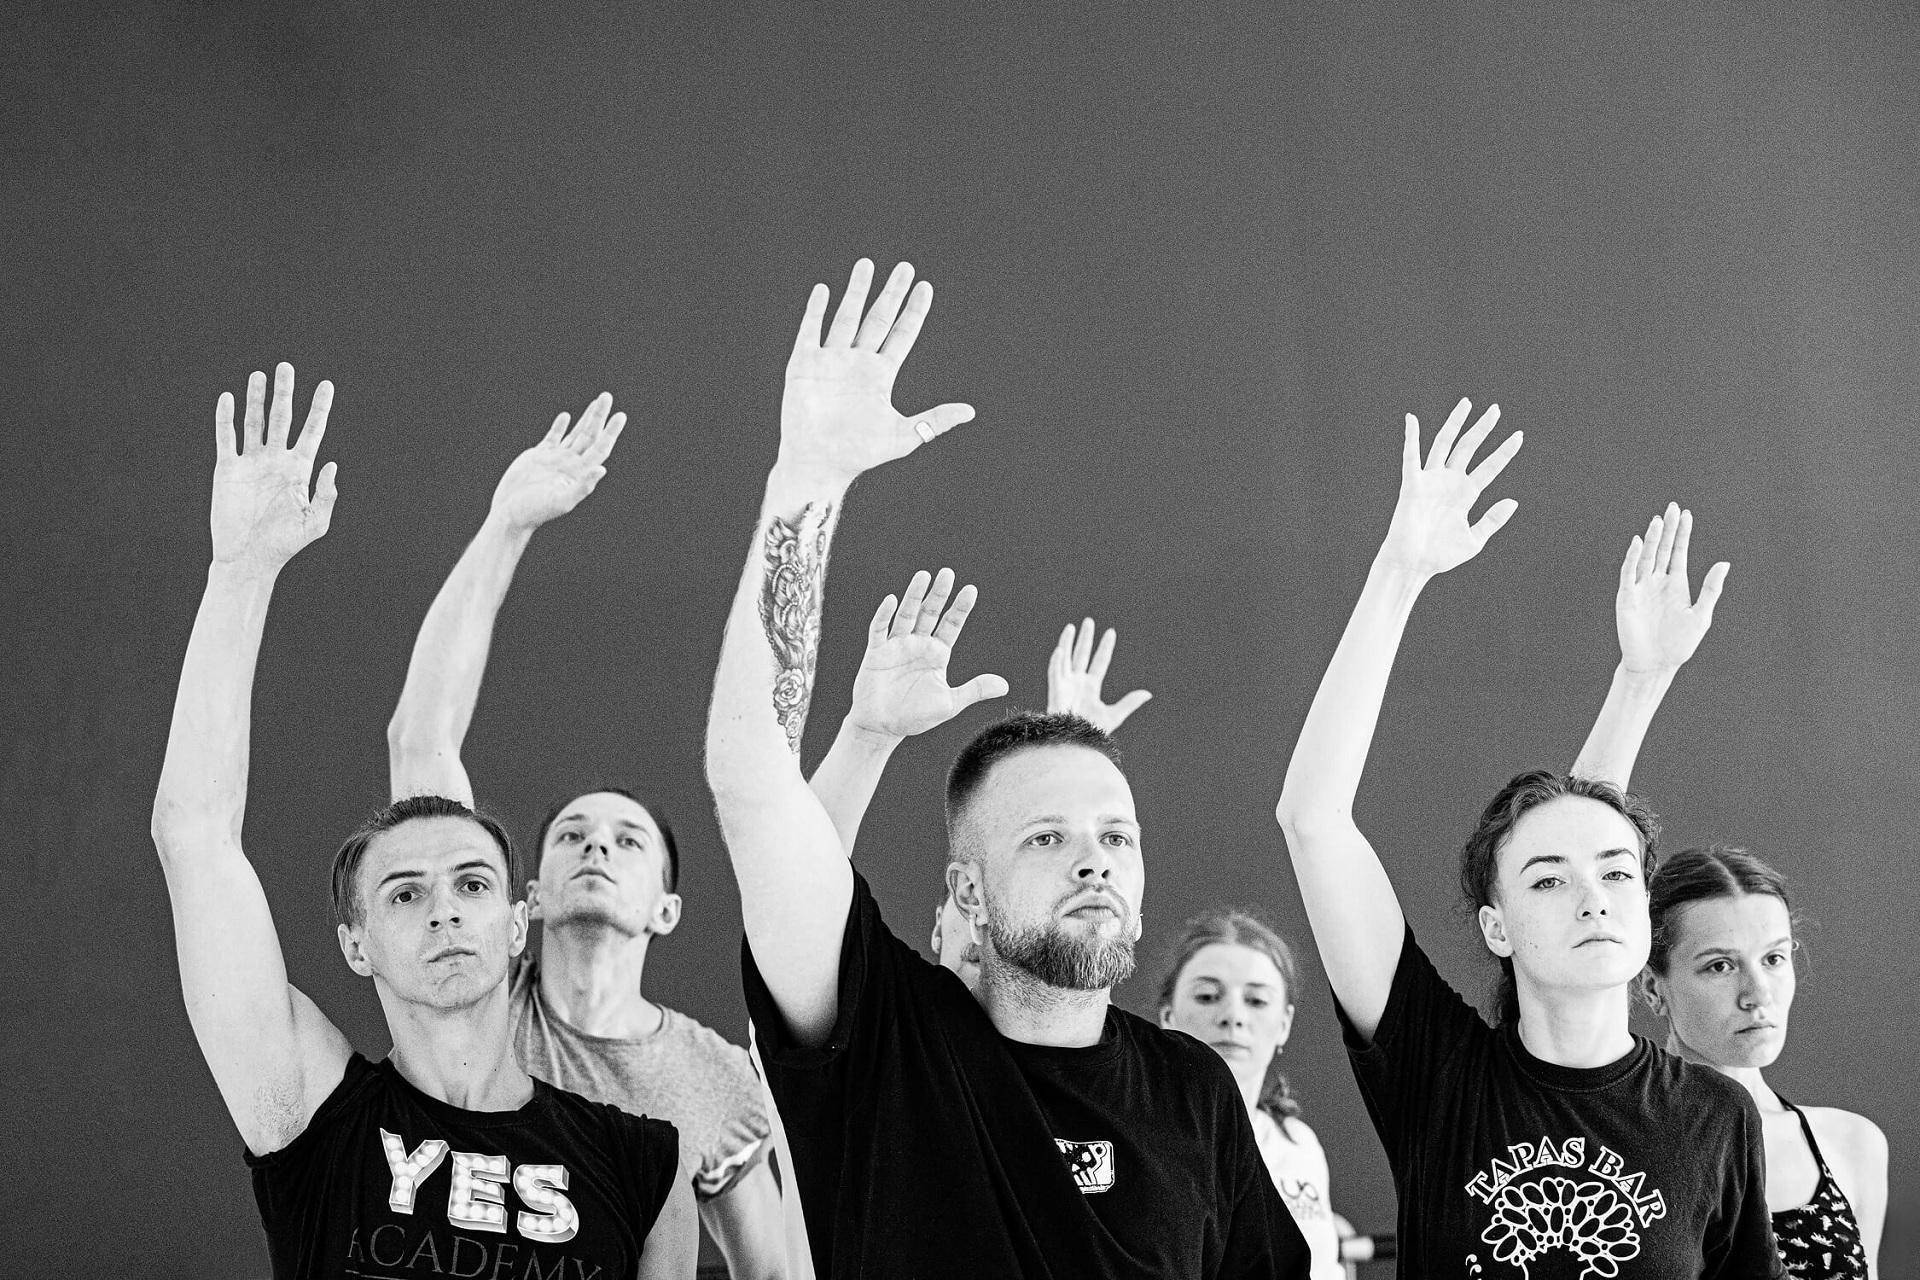 У Києві вперше покажуть танцювальну виставу ARKAN, у якій візьмуть участь і глядачі-Фото 2